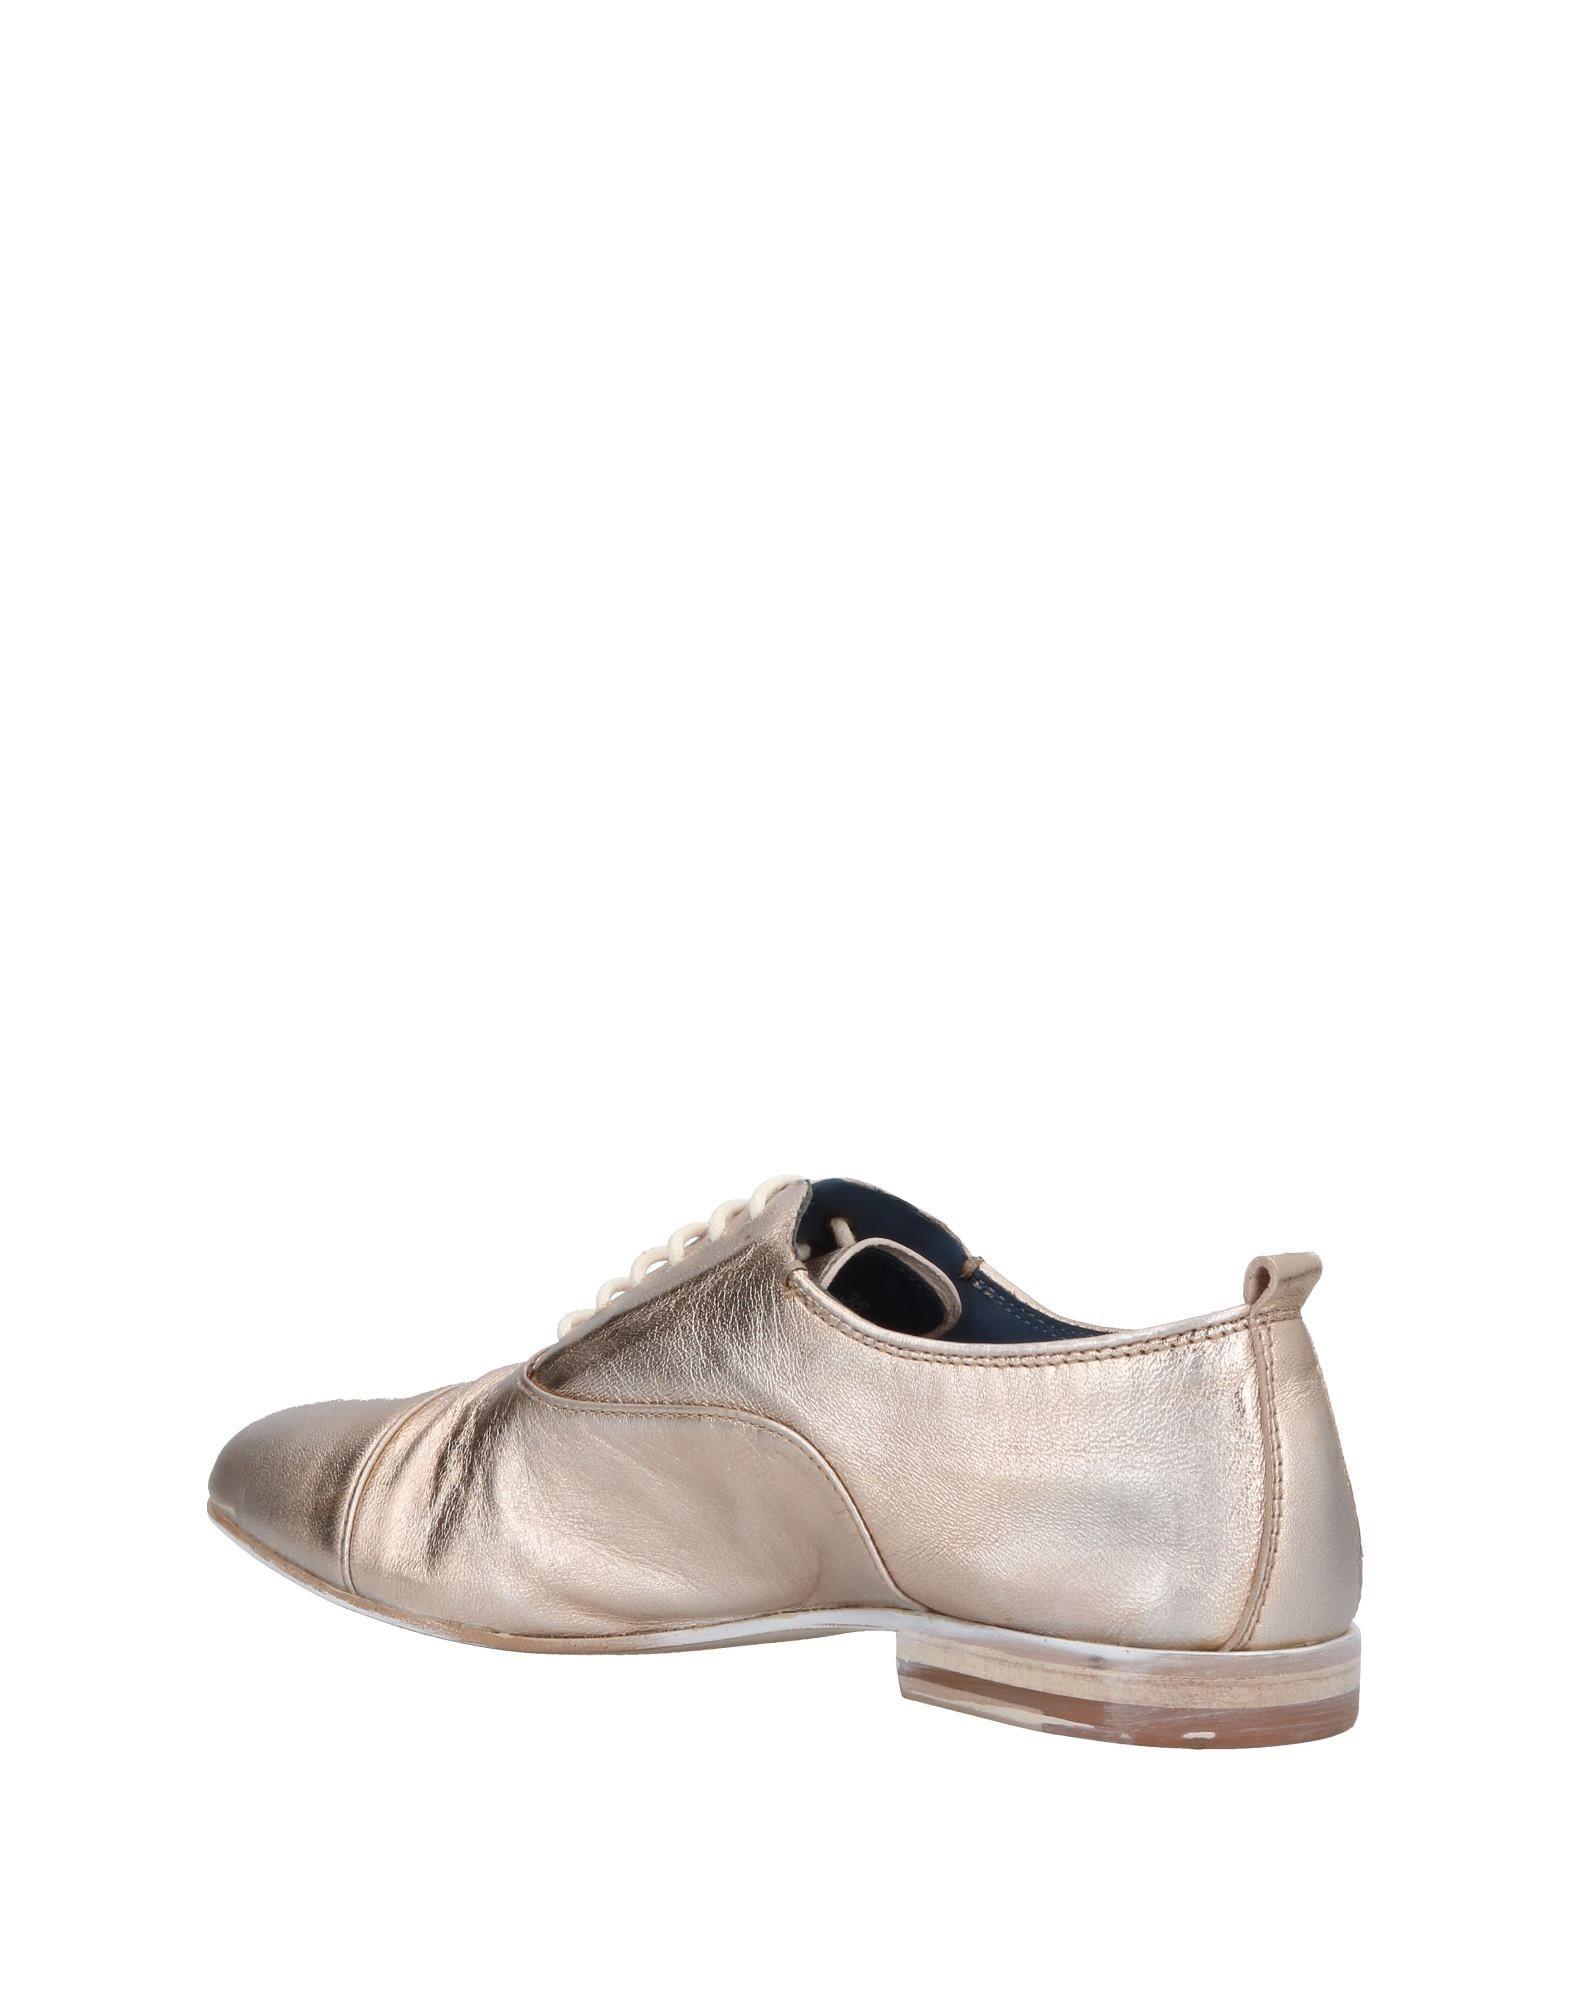 Creation Of Minds Schnürschuhe Damen Damen Damen  11399233EU Neue Schuhe b9c25d